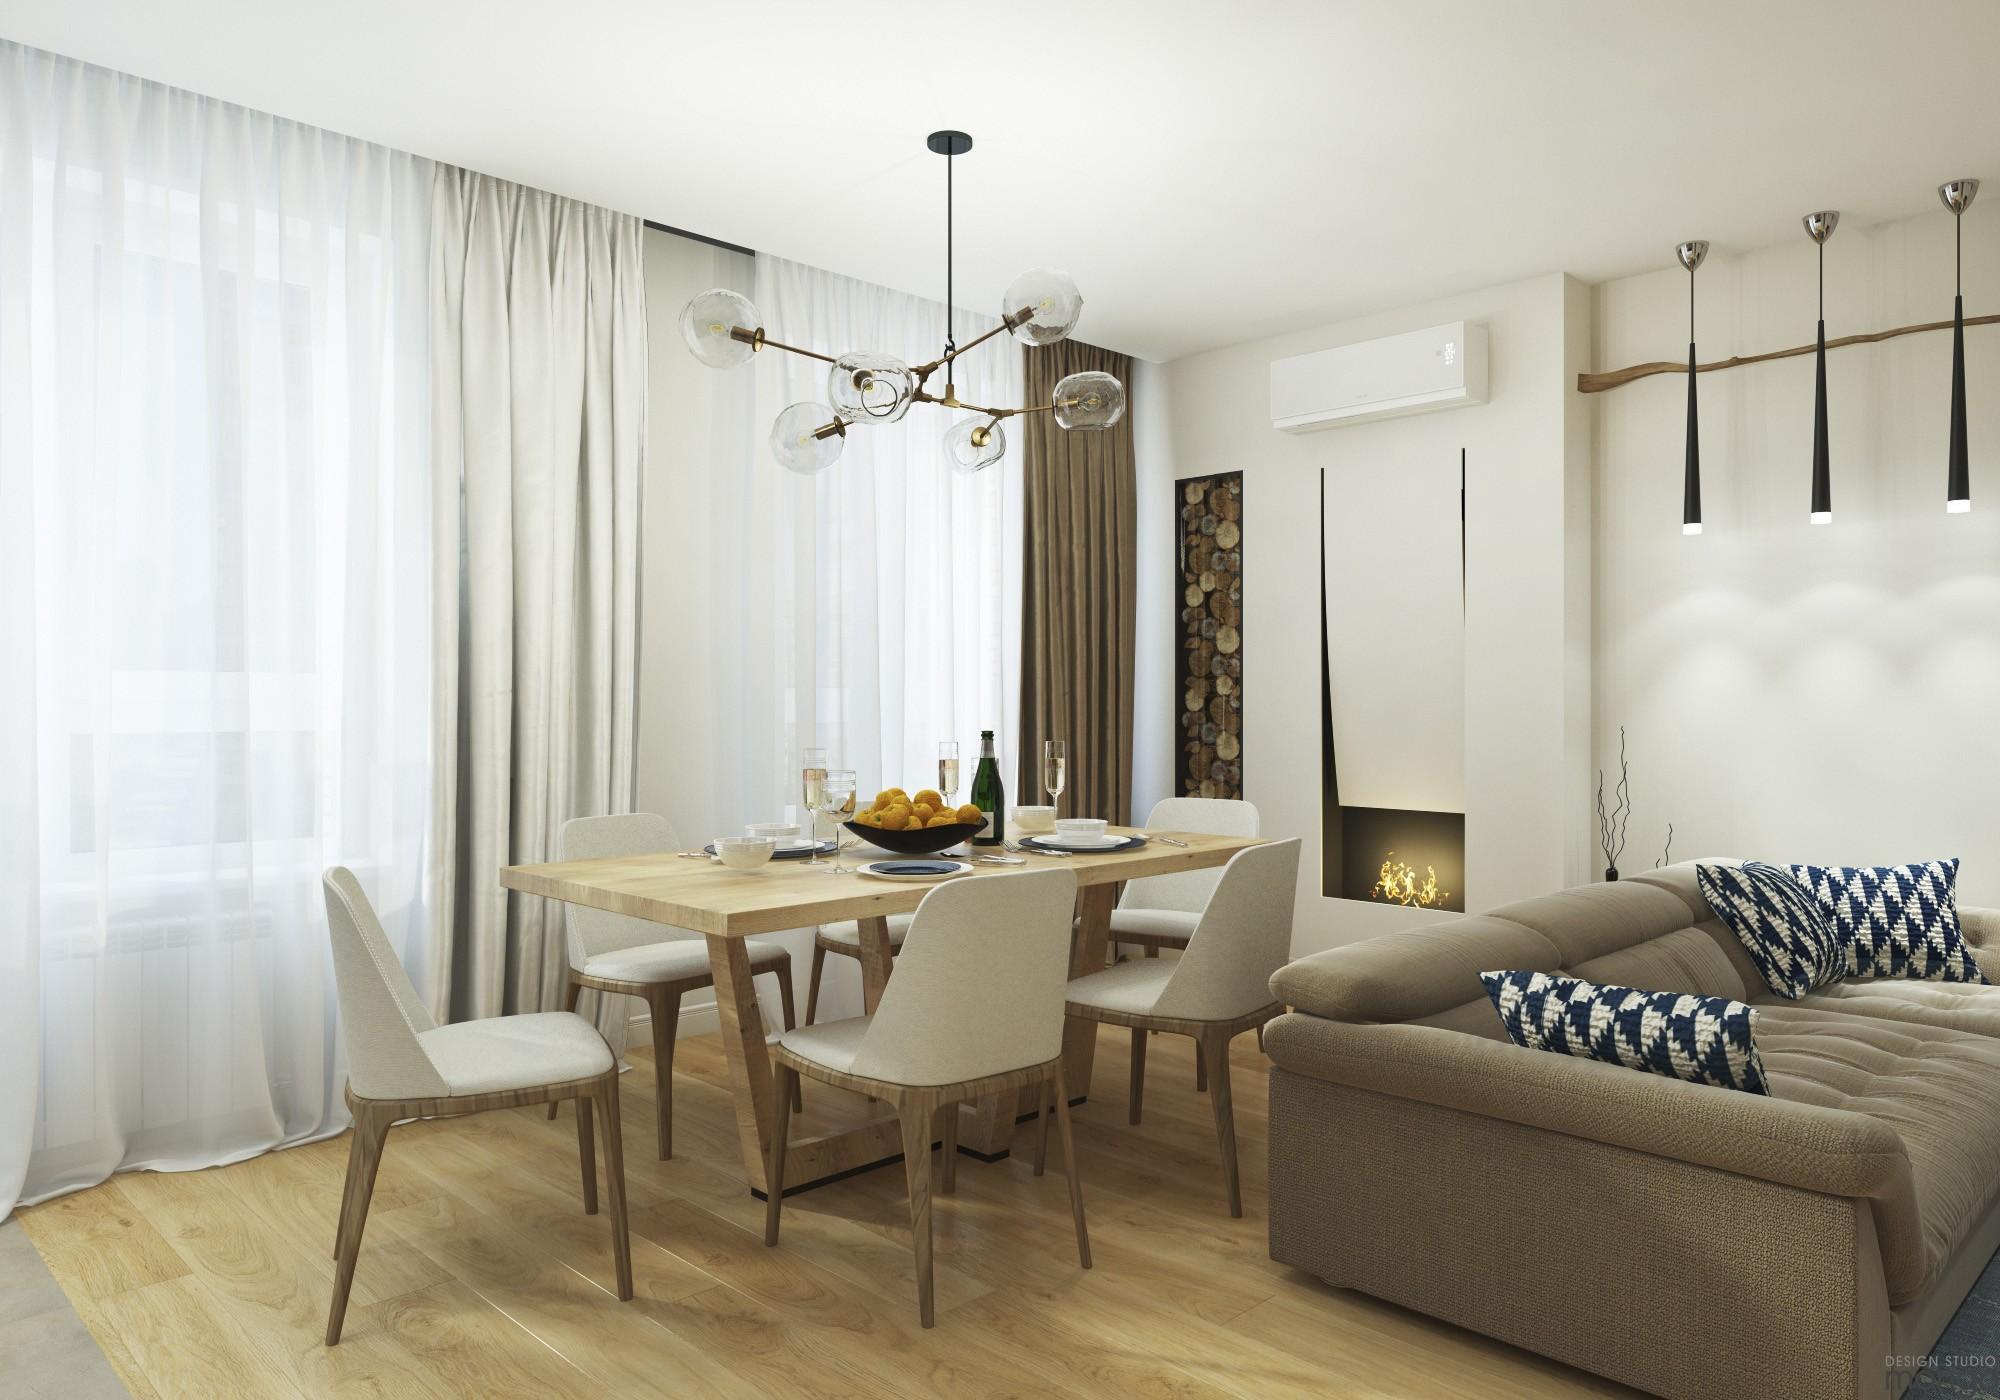 classy dining room